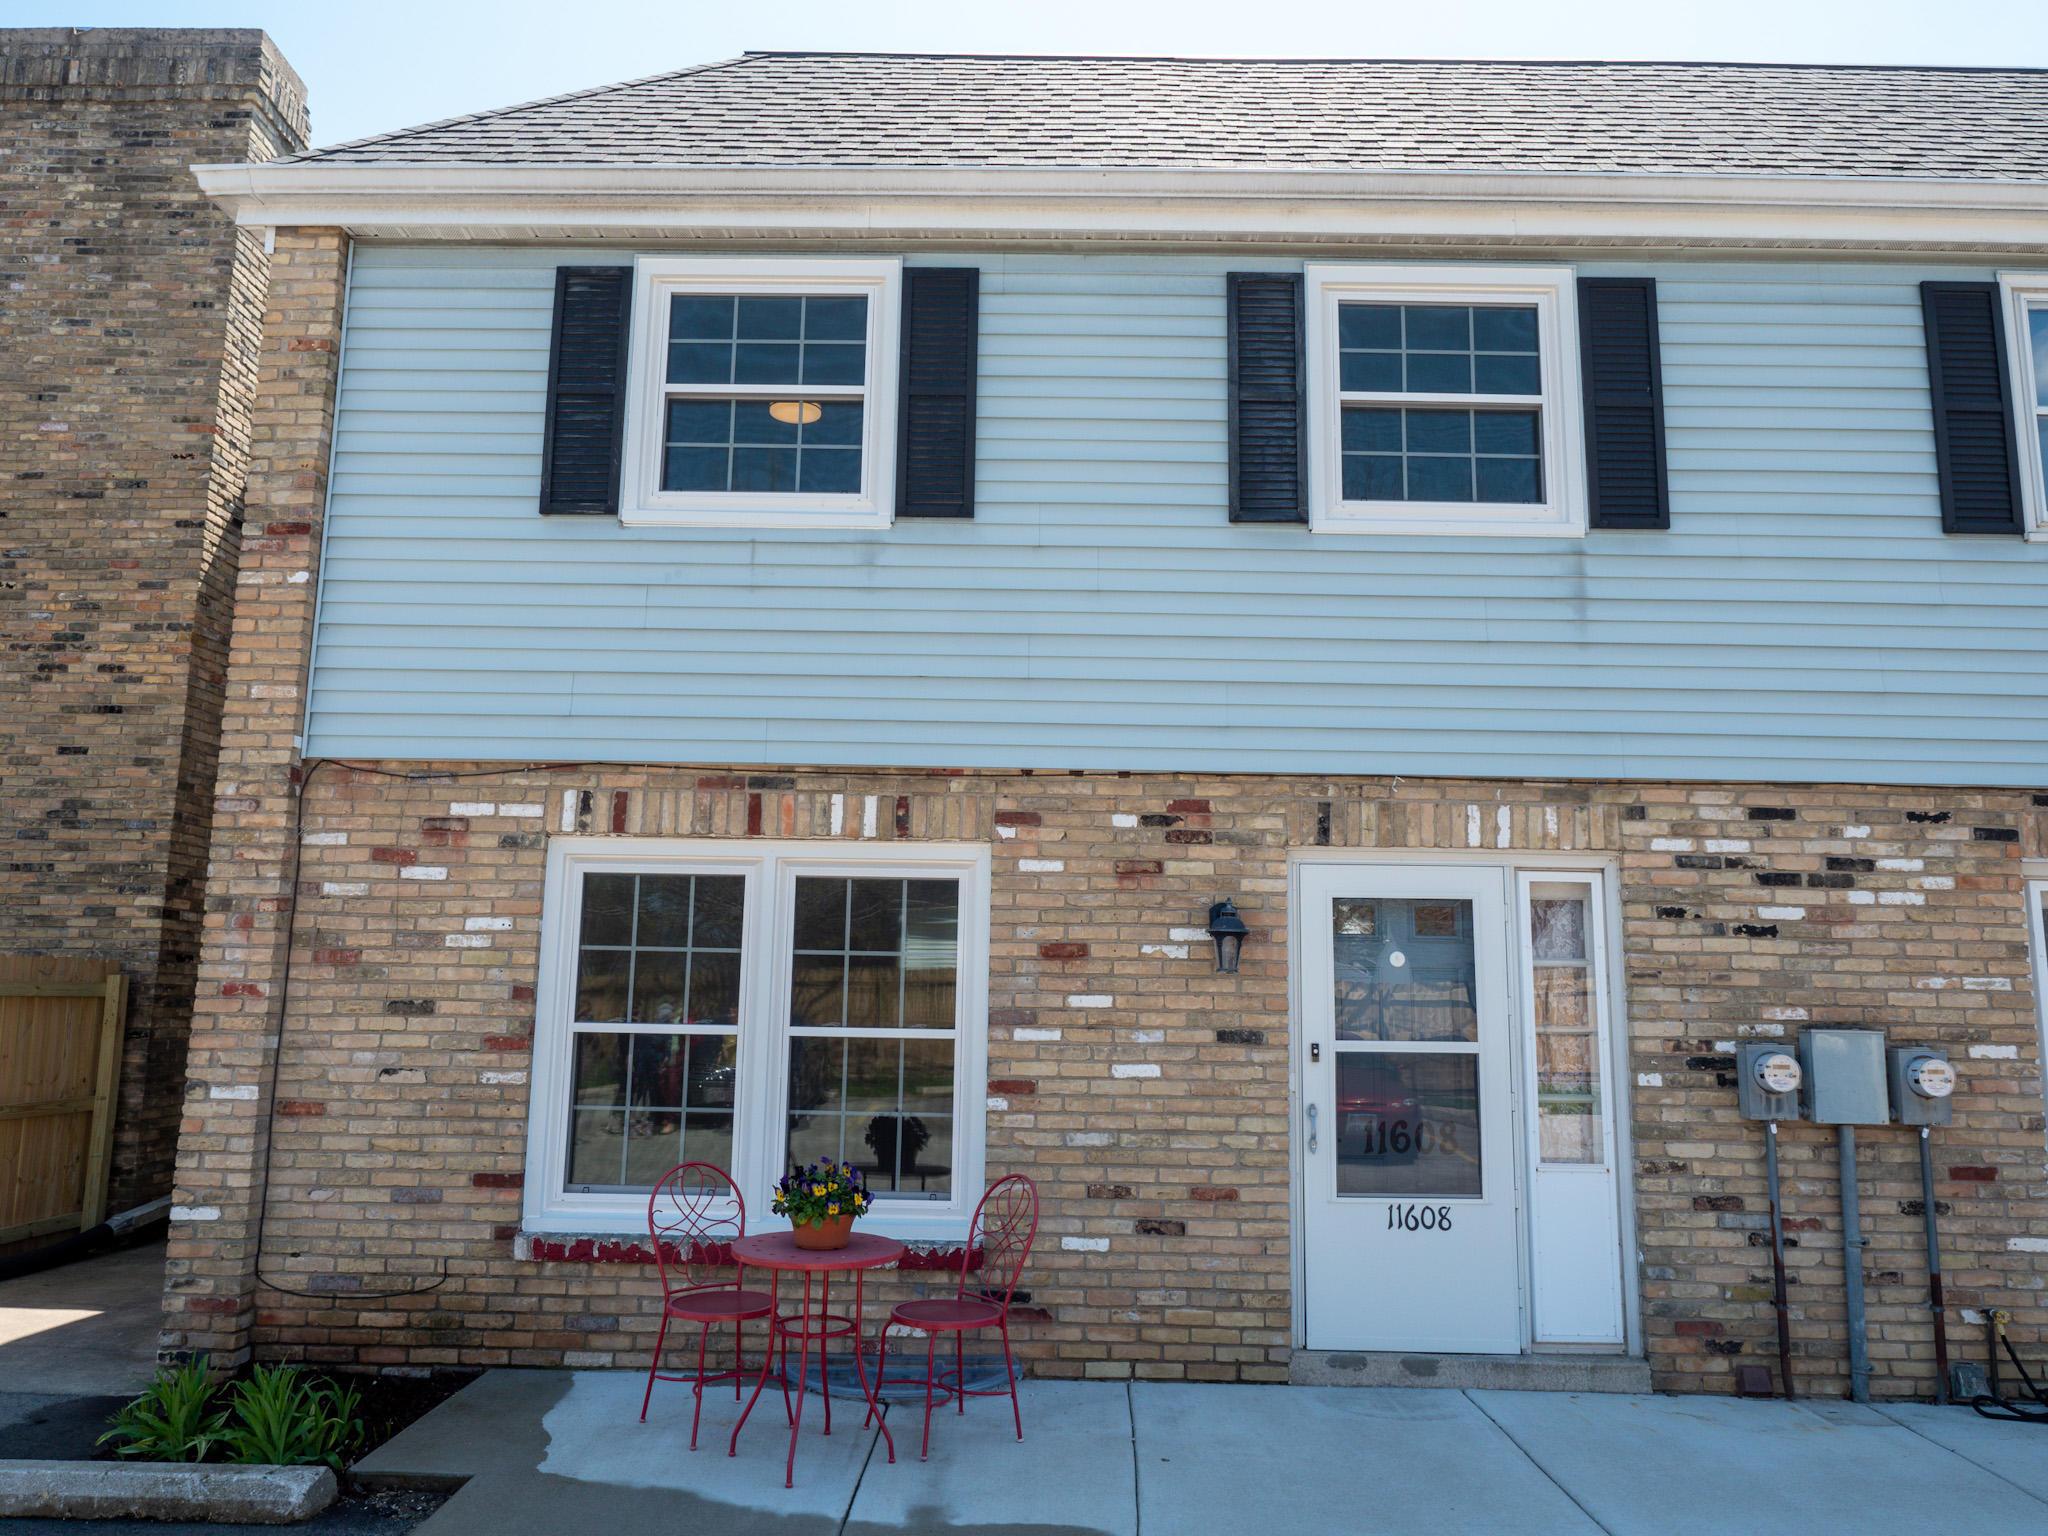 11608 W Blumound Rd Wauwatosa, WI 53226 Property Image